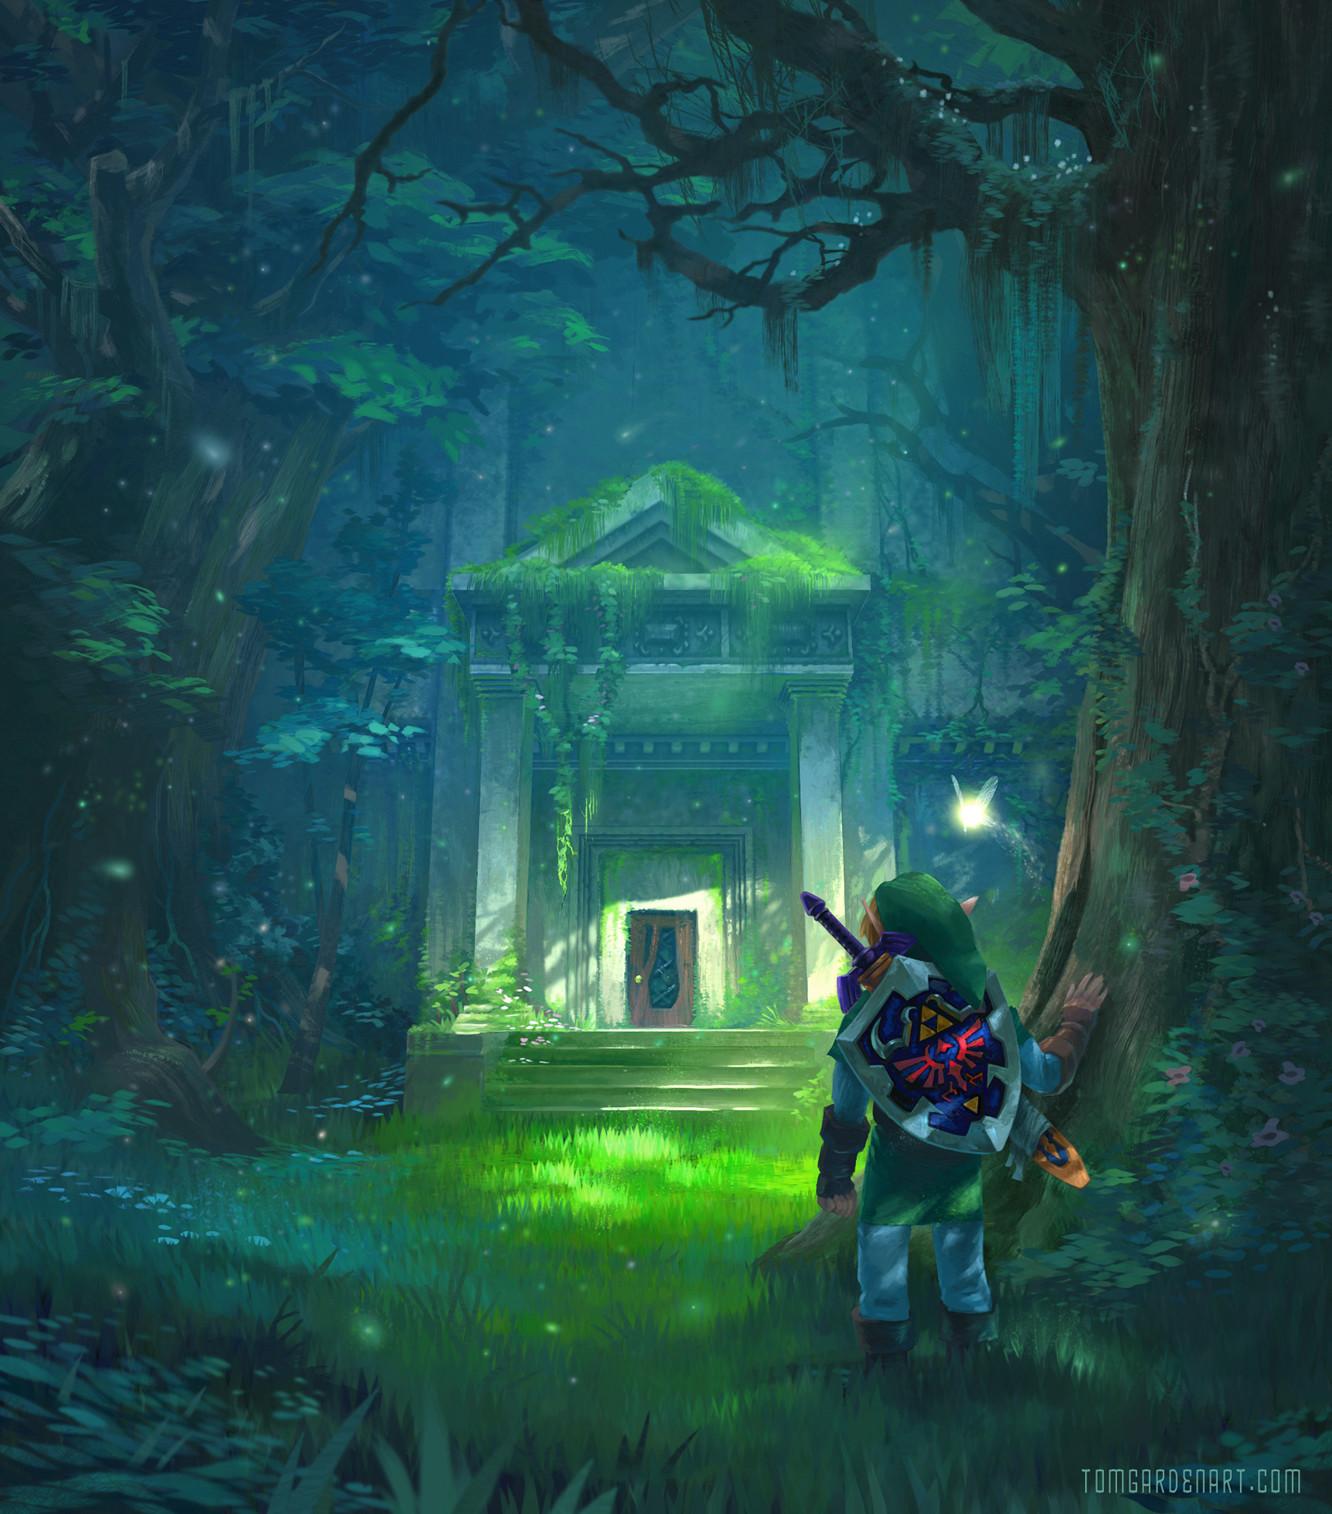 ArtStation - Forest Temple, Tom Garden